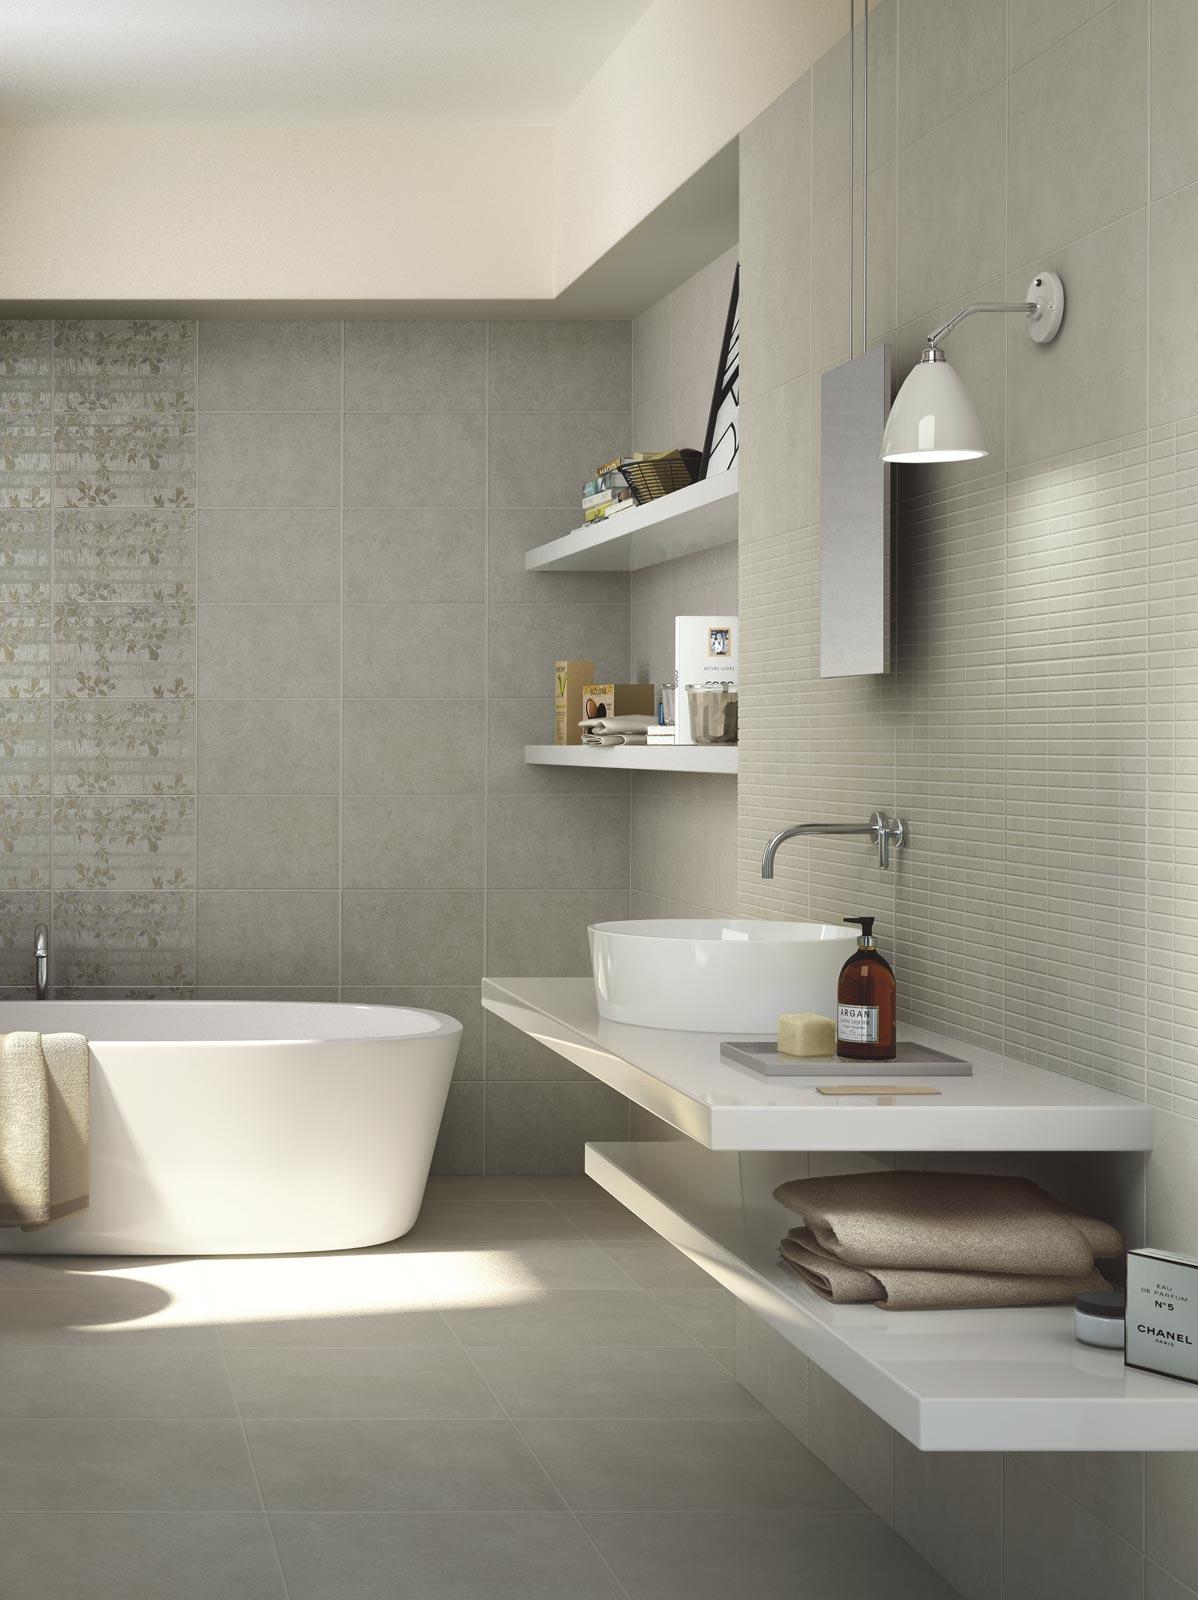 Collezione casablanca ceramica per bagno e cucina ragno for Carrelage monocibec modern